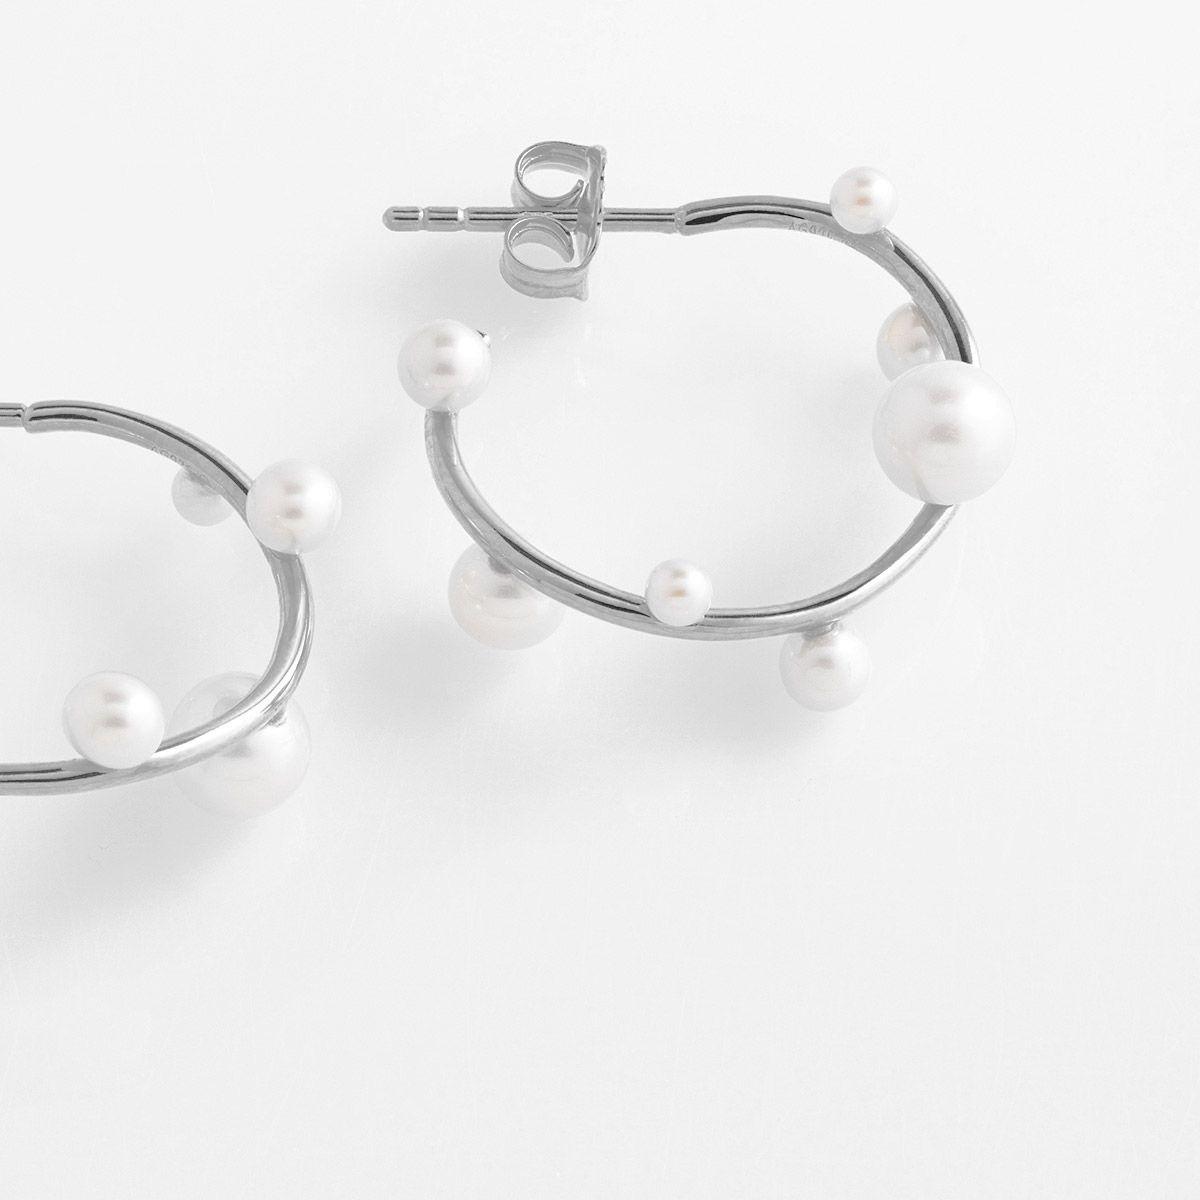 Lana - Perlenohrringe - Silber